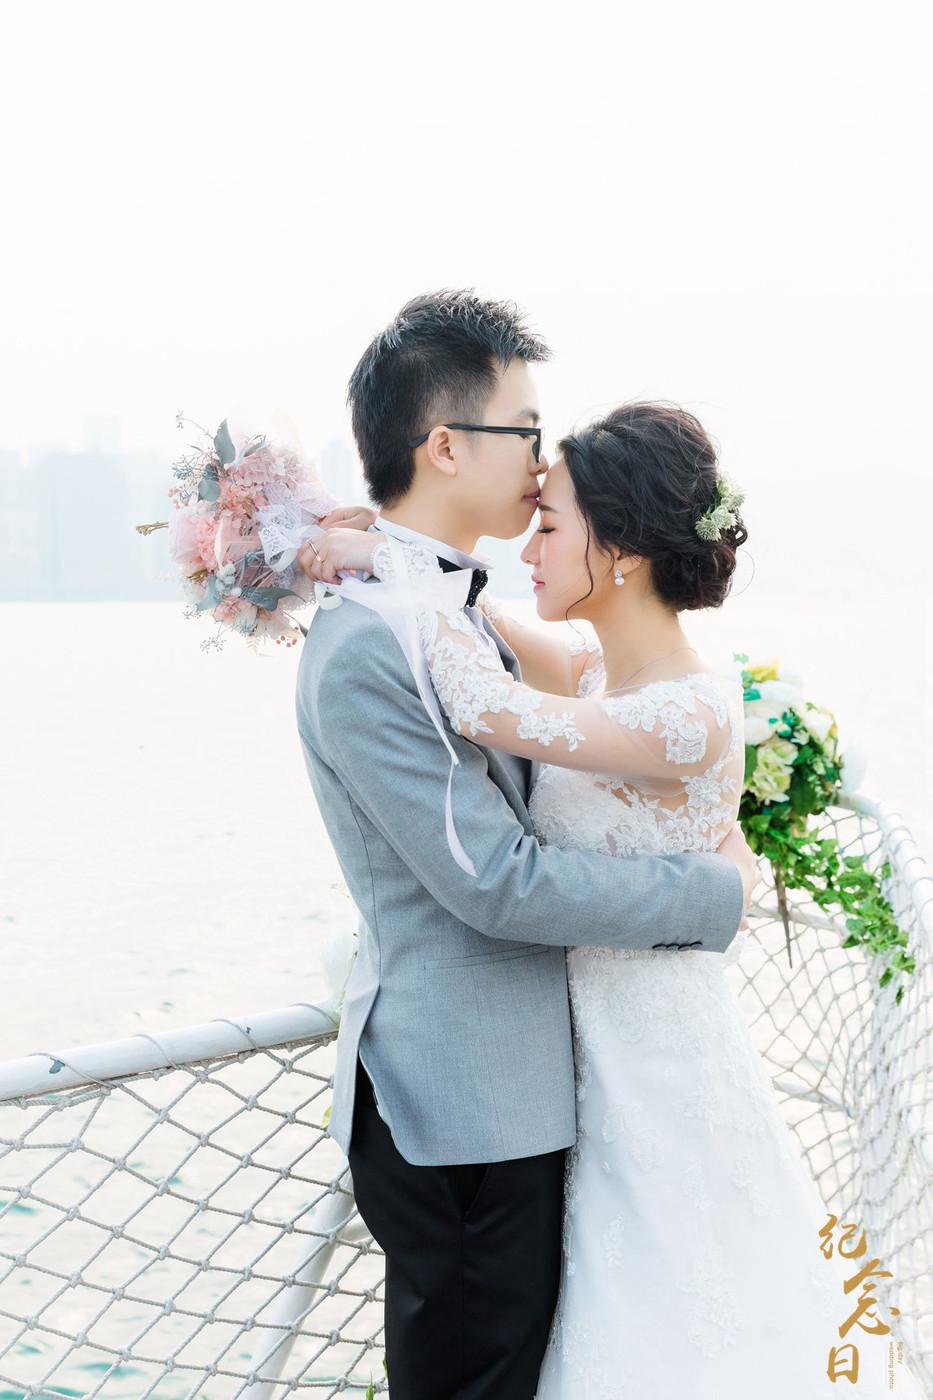 婚礼跟拍 |  Ben & Kay30